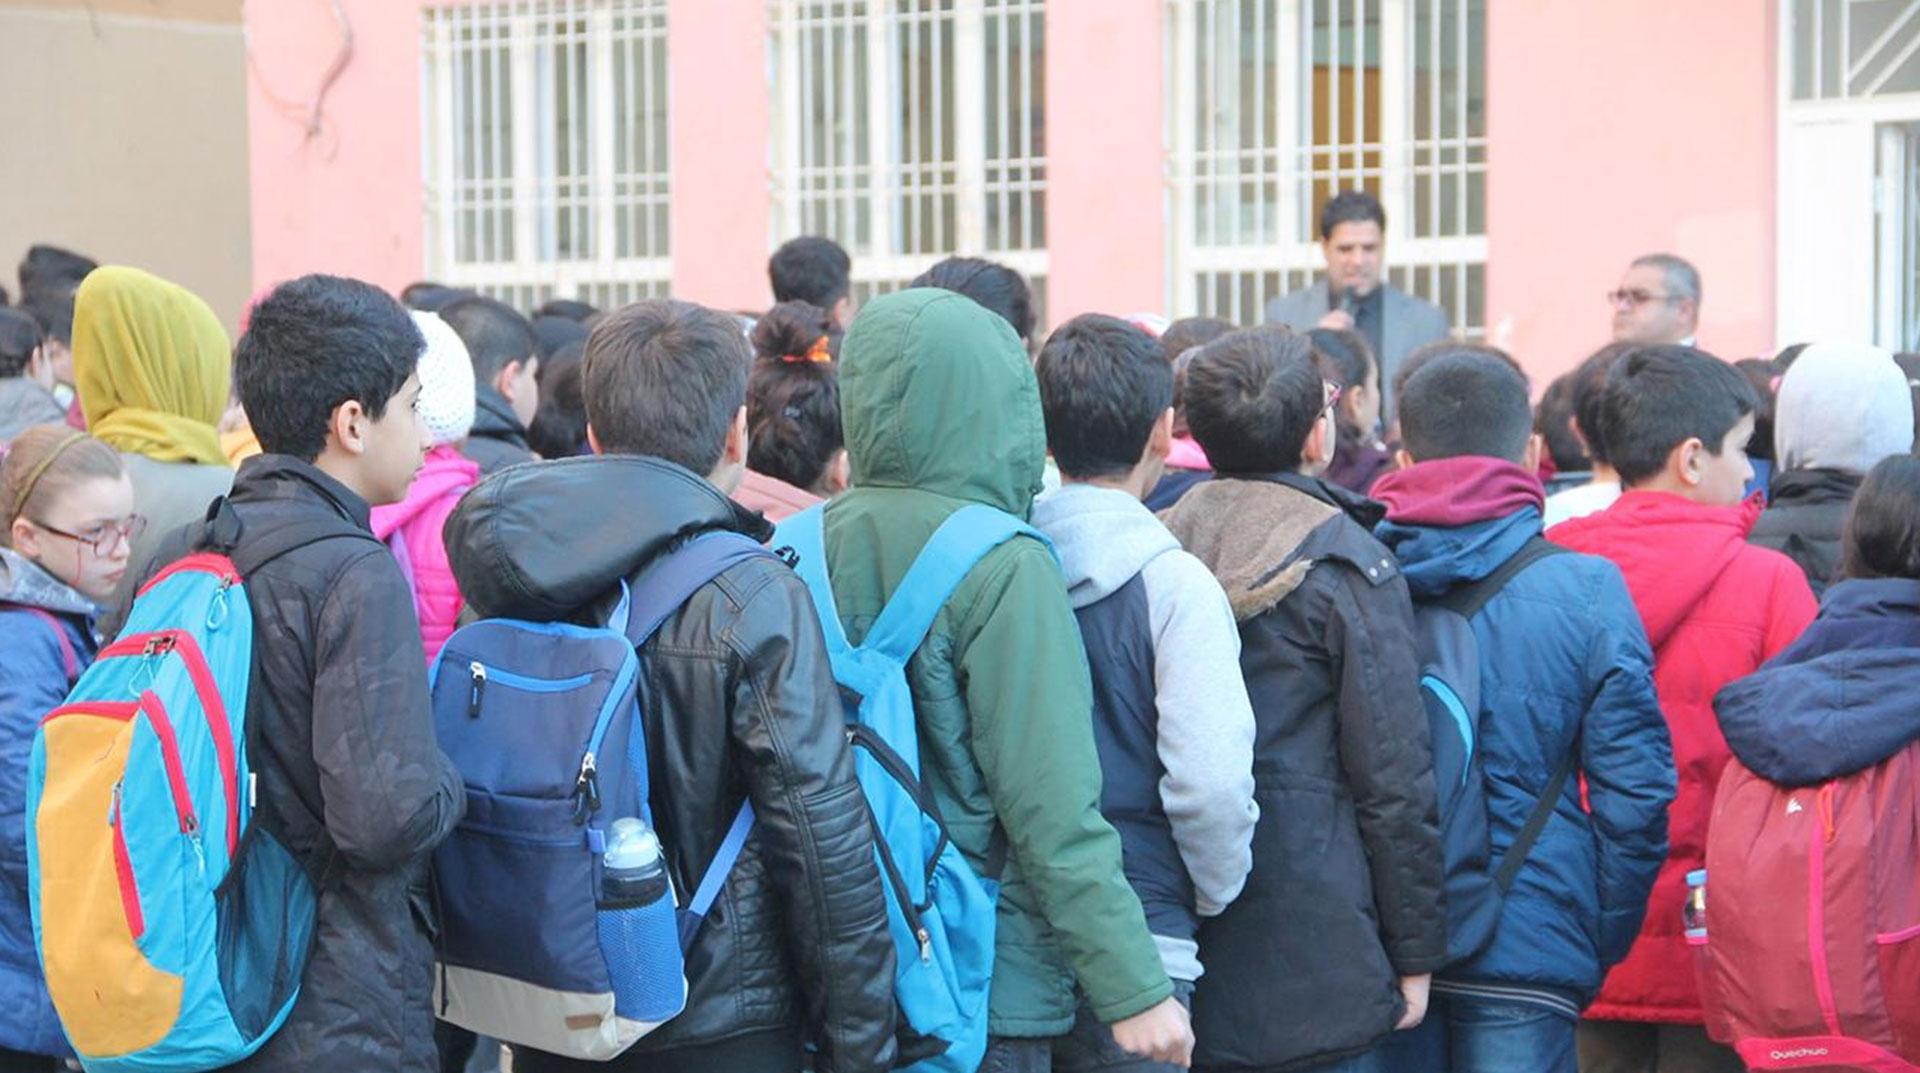 Mardin'deki 156 Okulda Eğitime 2 Gün Ara